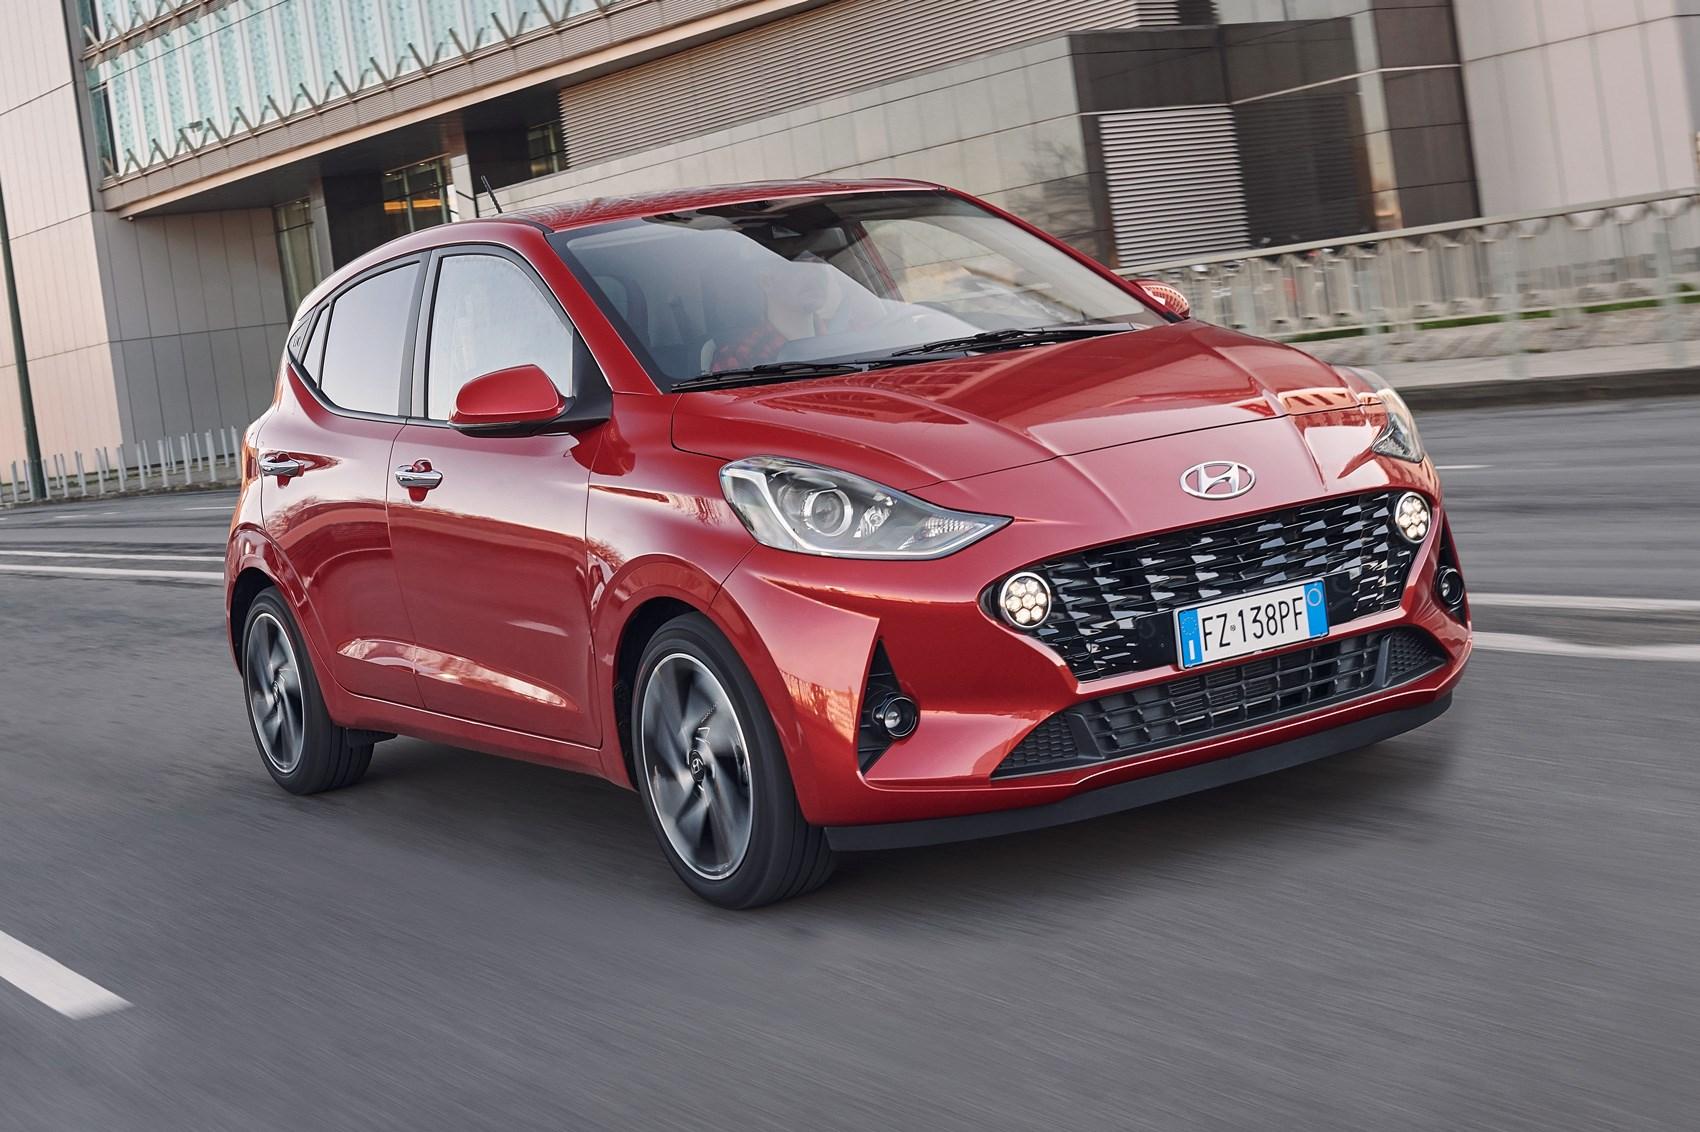 Hyundai Click to Buy i10